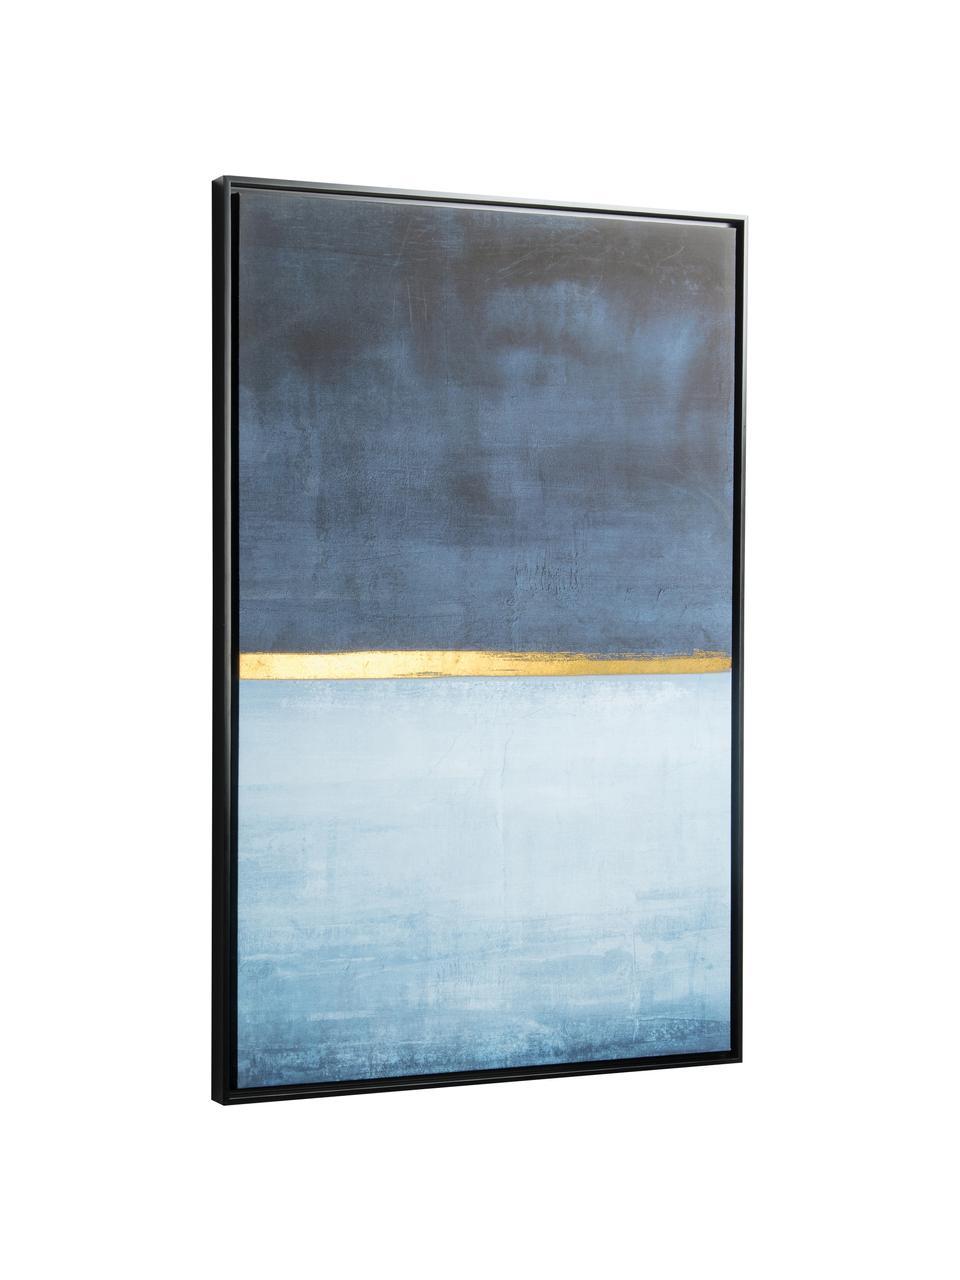 Leinwandbild Wrigley, Rahmen: Mitteldichte Holzfaserpla, Bild: Leinwand, Blautöne, Goldfarben, 60 x 90 cm